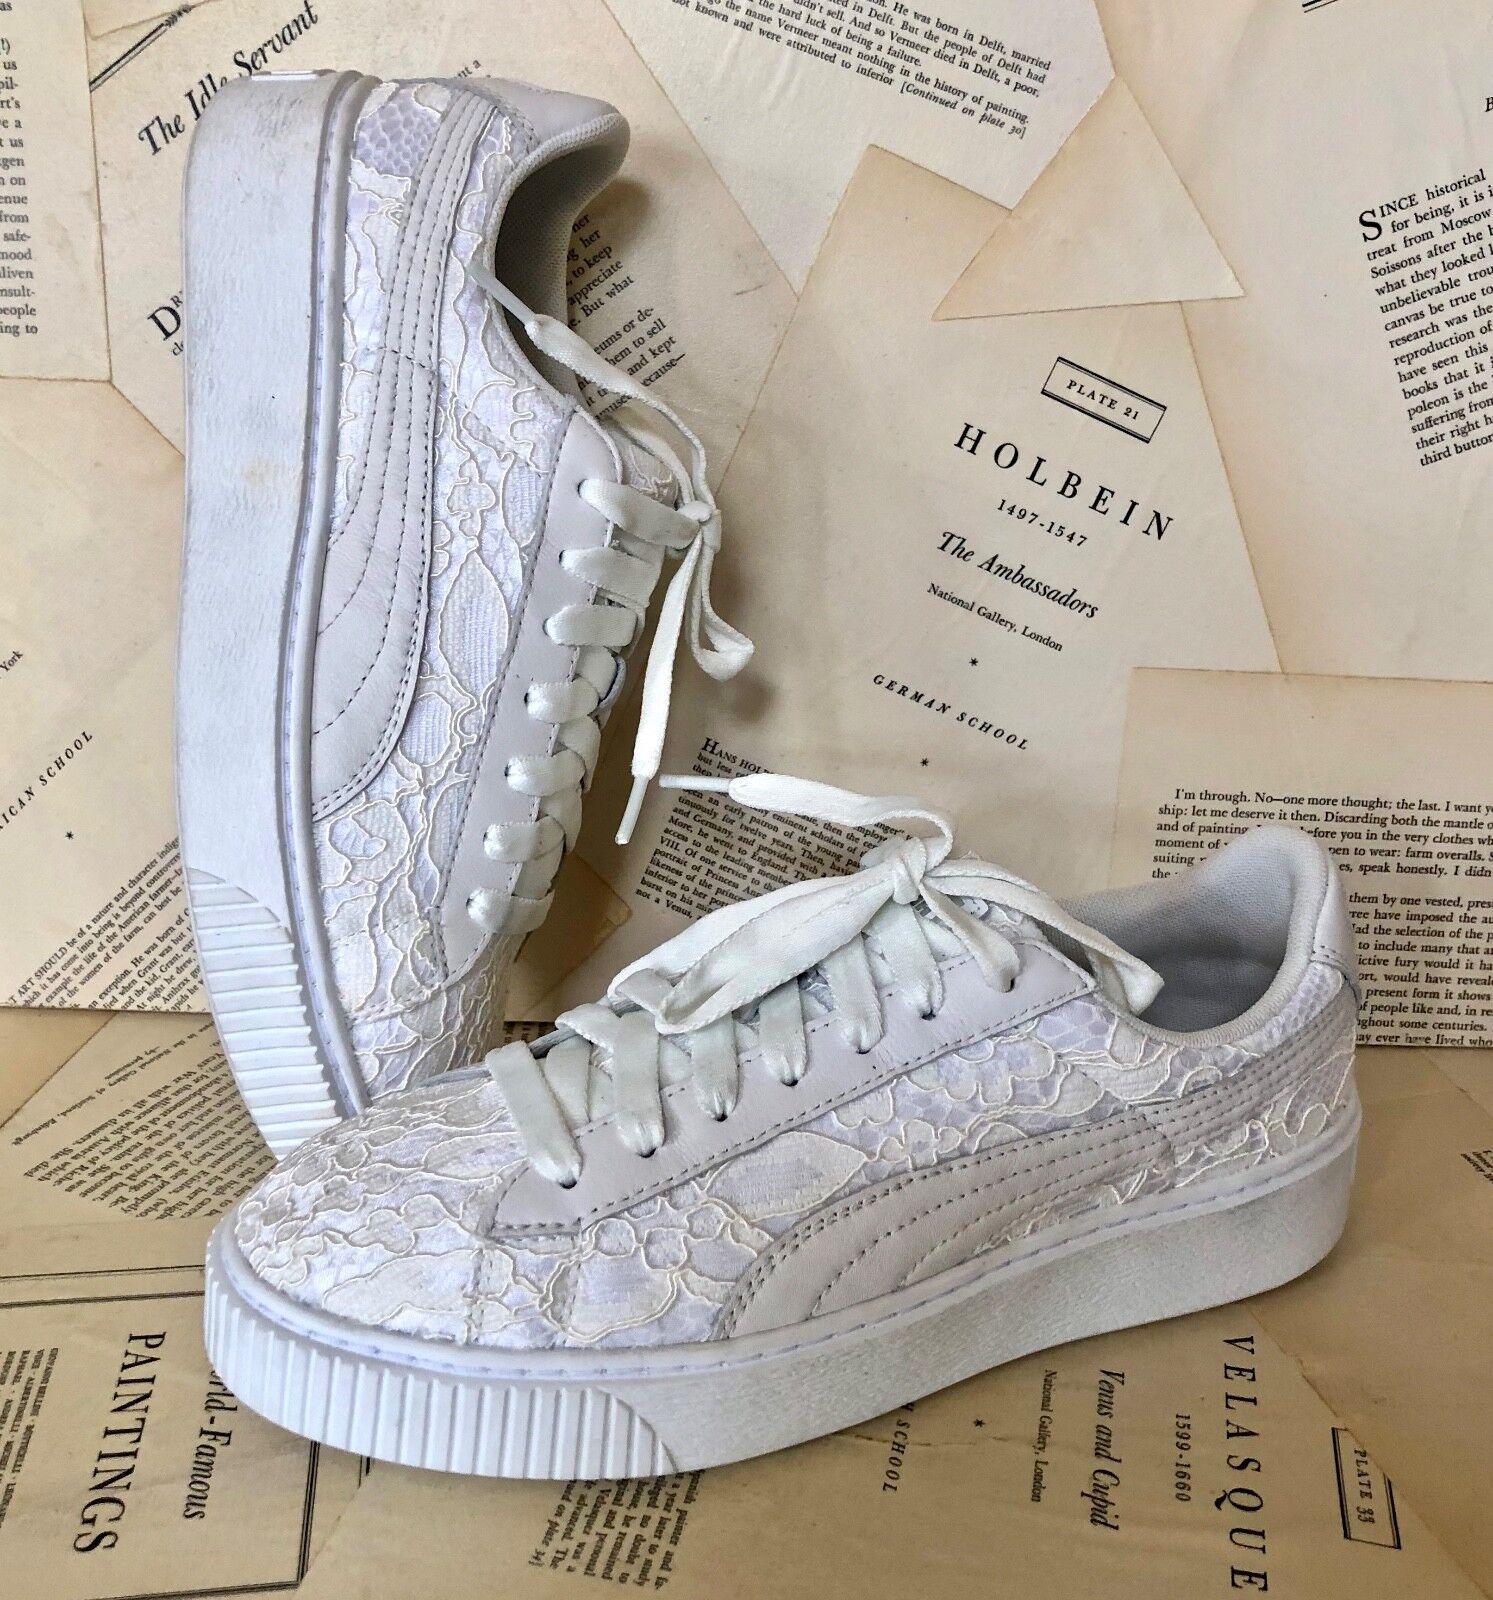 Nuevo Puma blancoo Marfil Plataforma Floral encaje Zapatilla 41 41 41 10  cómodo